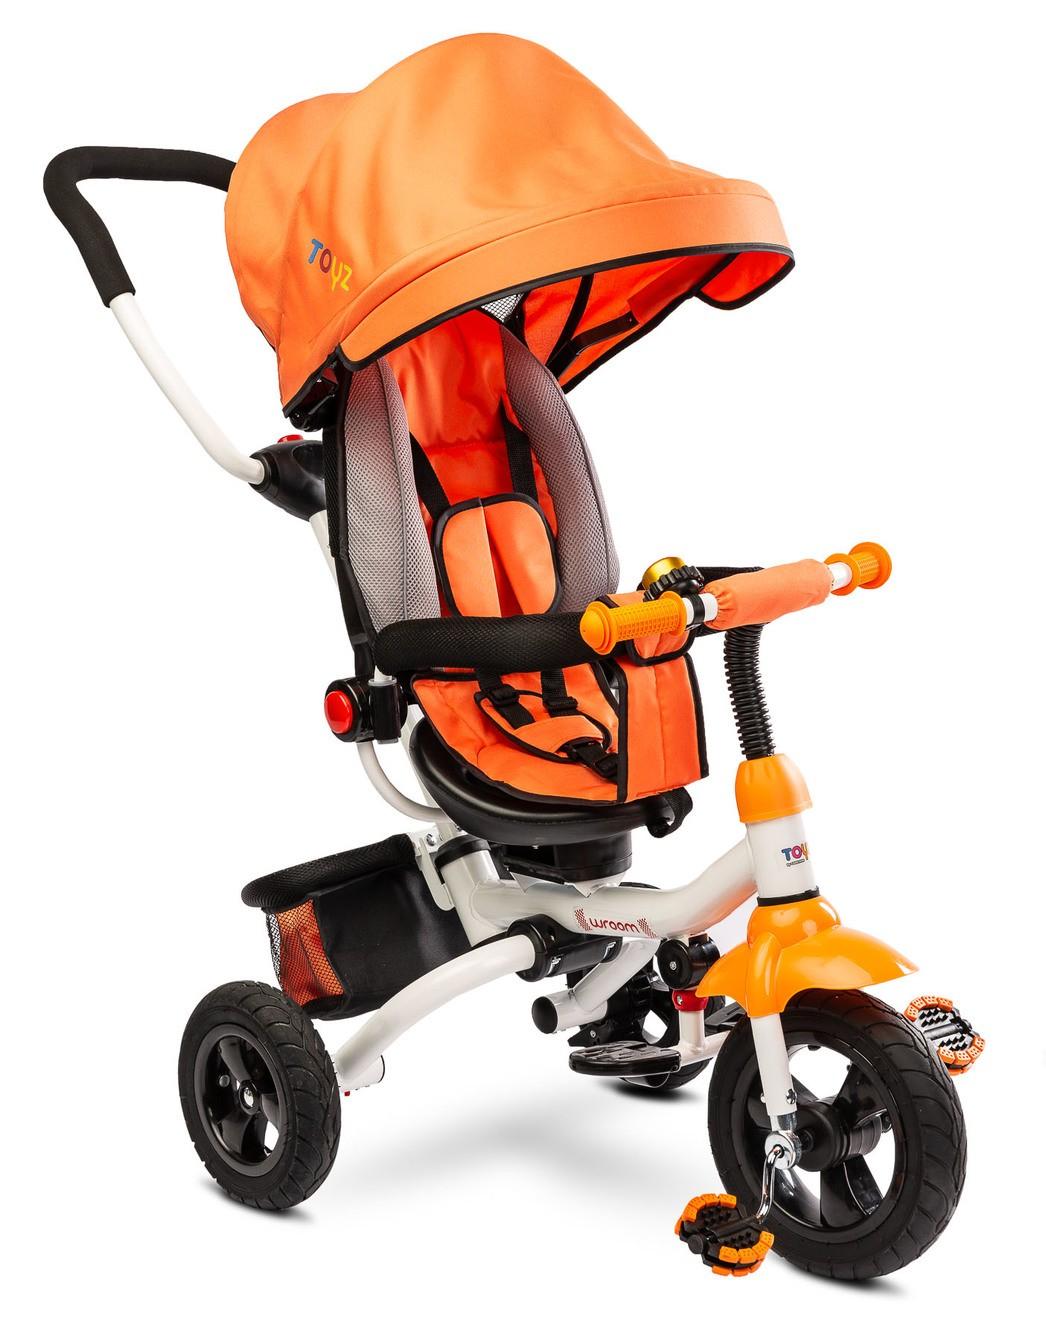 Dětská tříkolka Toyz WROOM orange, (barva oranžová)